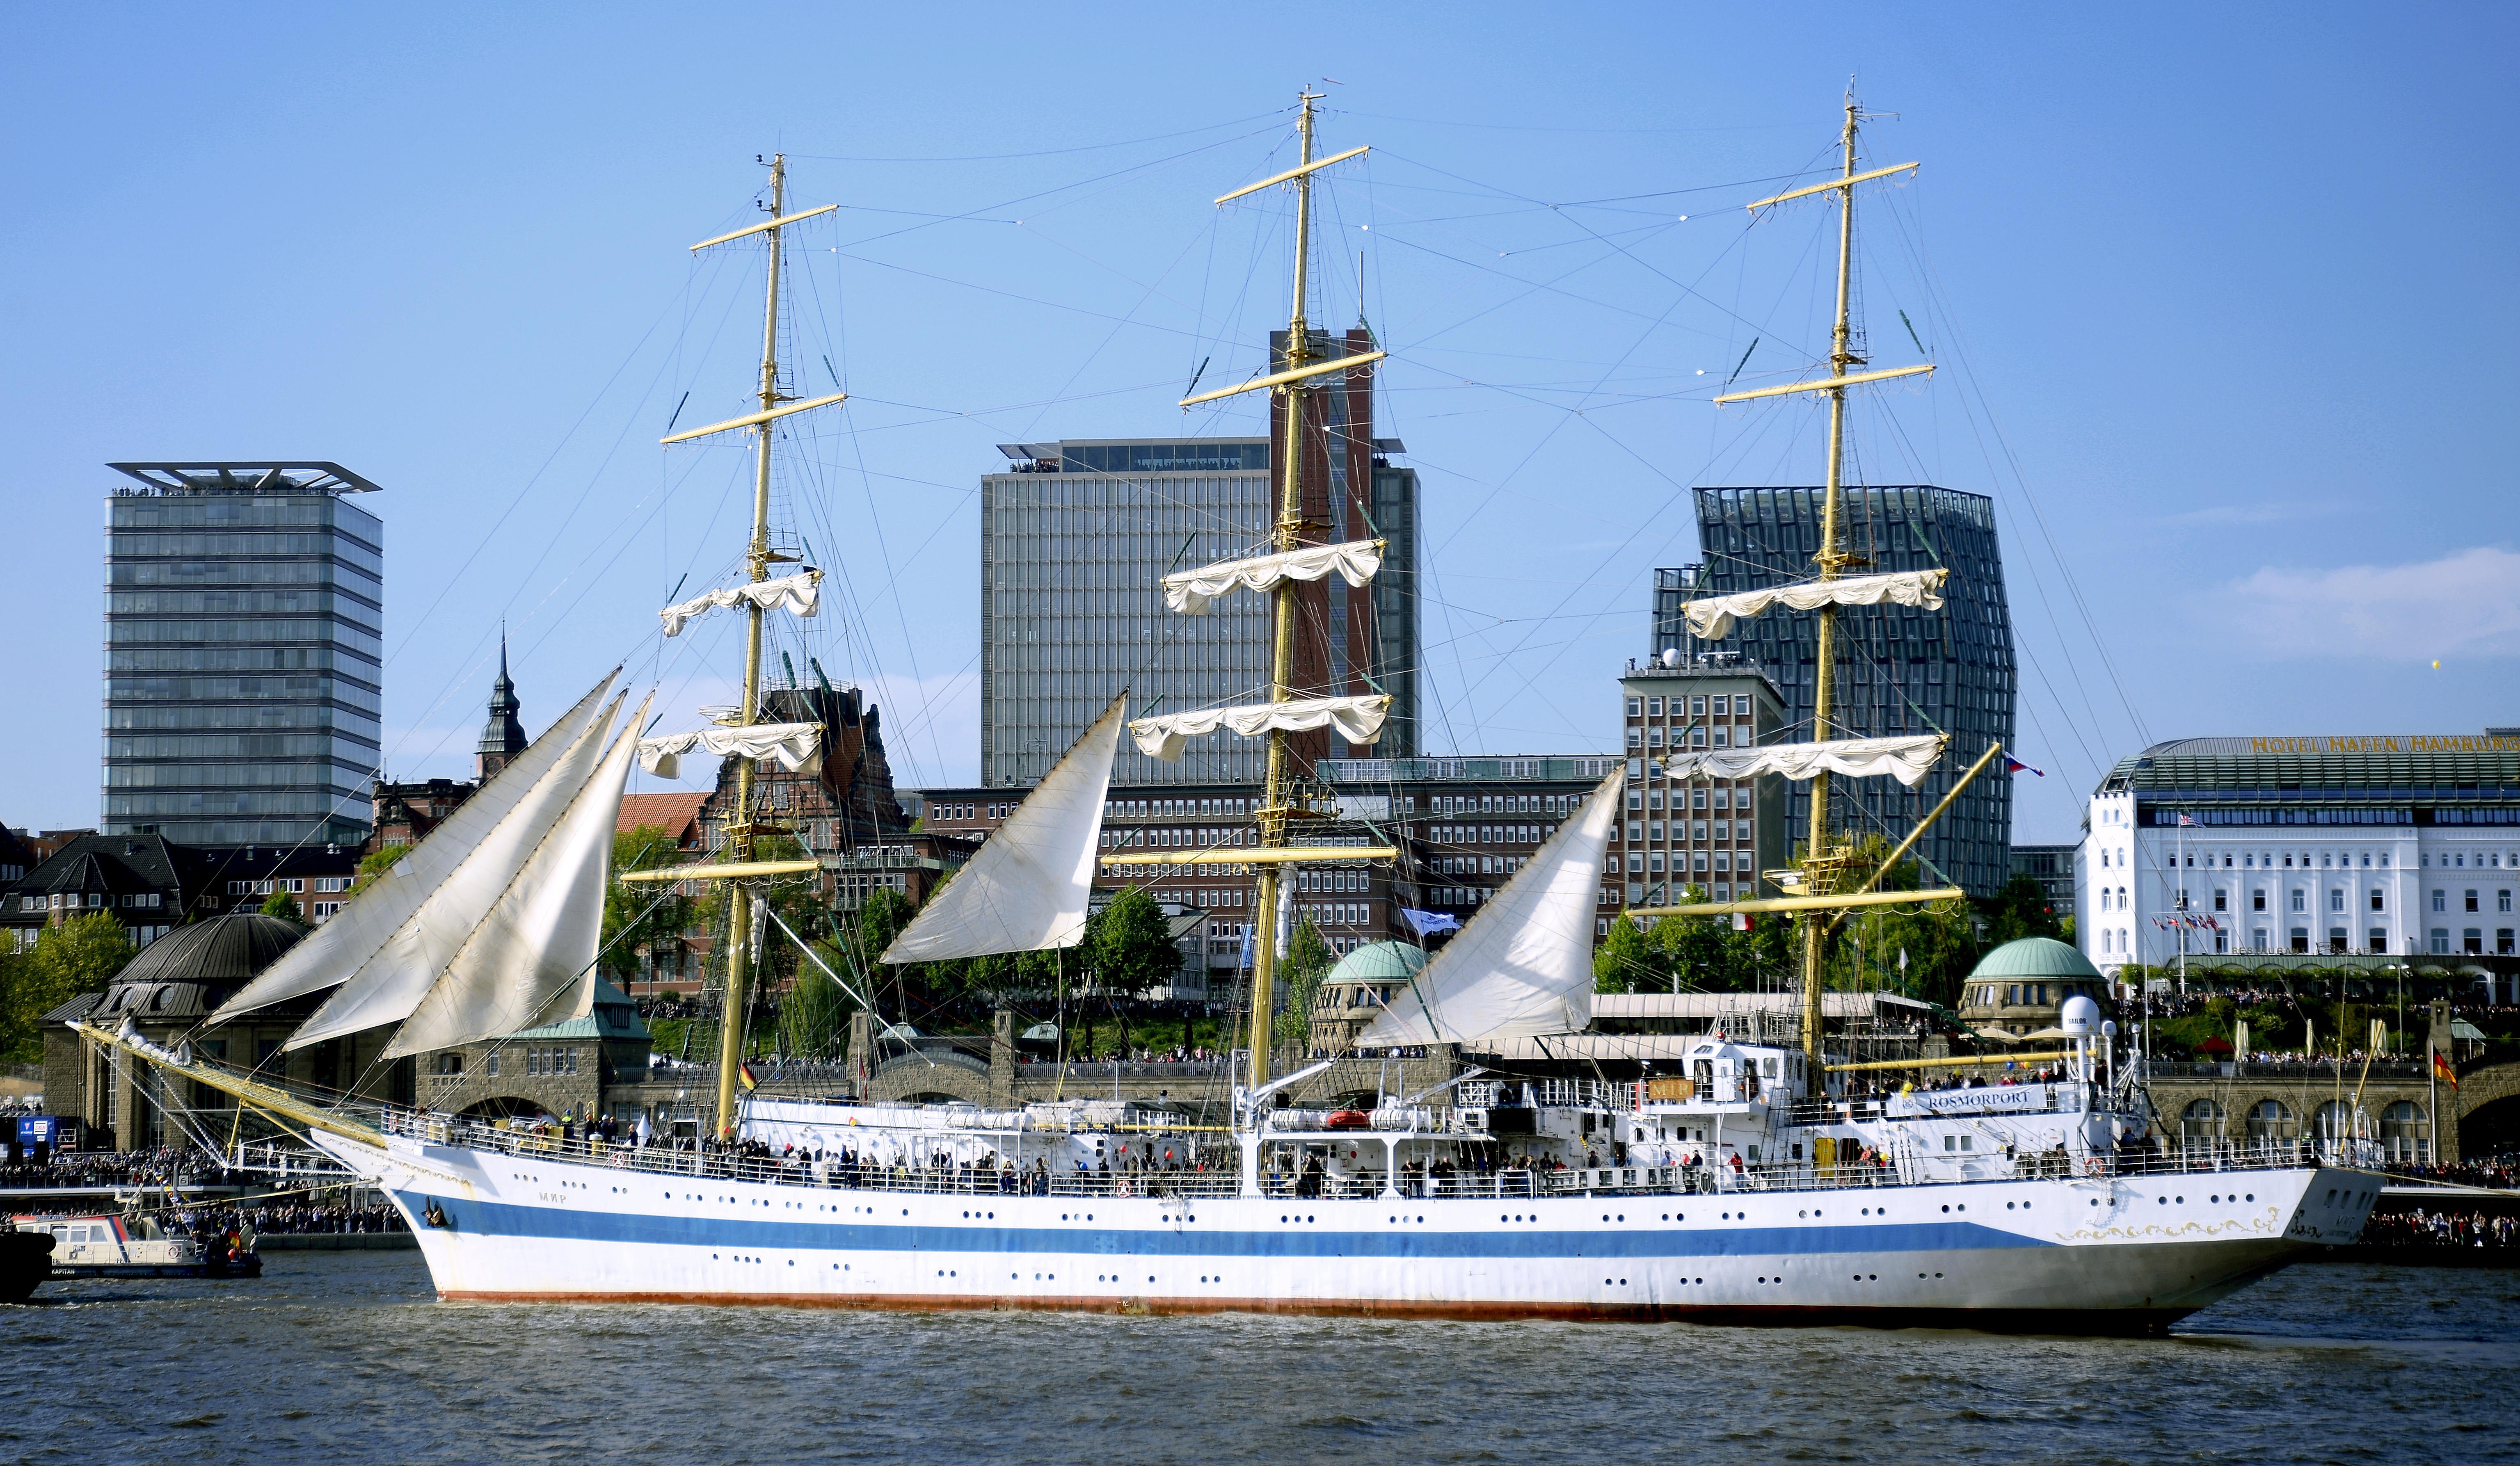 """Der Großsegler """"MIR"""" aus Russland führte die Schiffe an, die an der traditionellen Auslaufparade teilgenommen haben. Foto: Michael B. Rehders"""